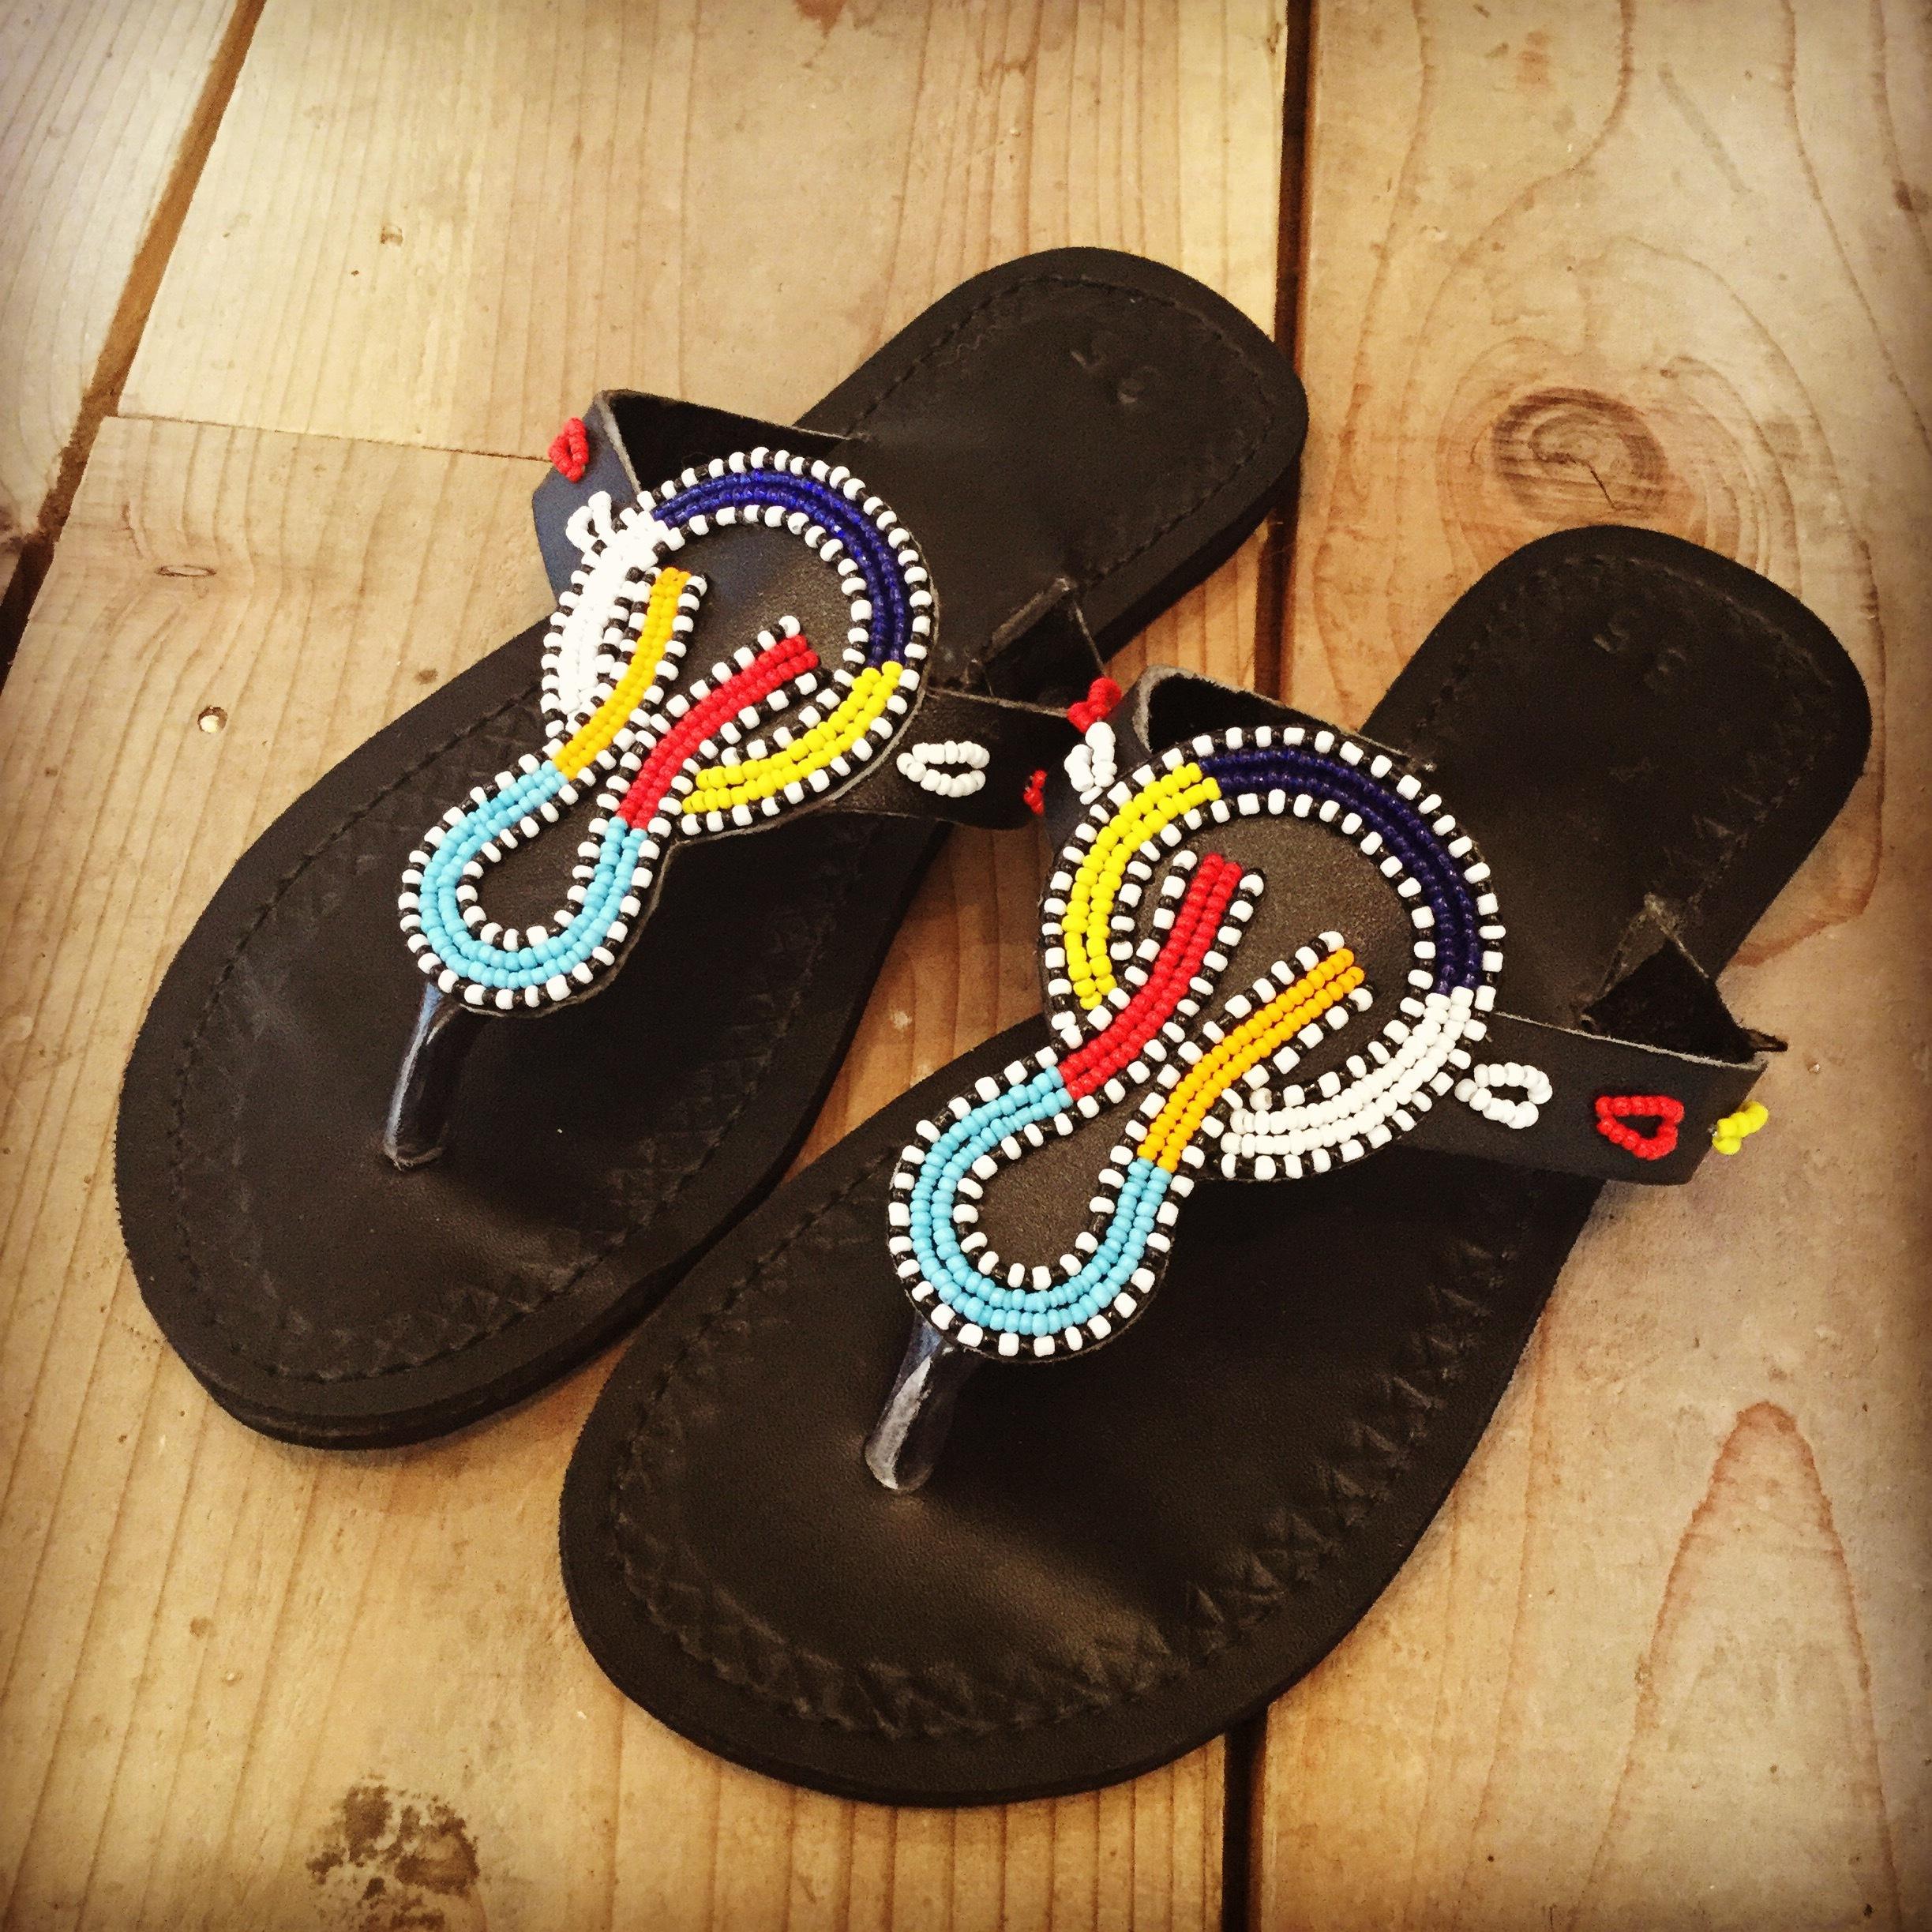 マサイ族のビーズ装飾が美しいサンダルで。 ウガンダのタイヤサンダルにマサイ族が装飾を加えたものです。